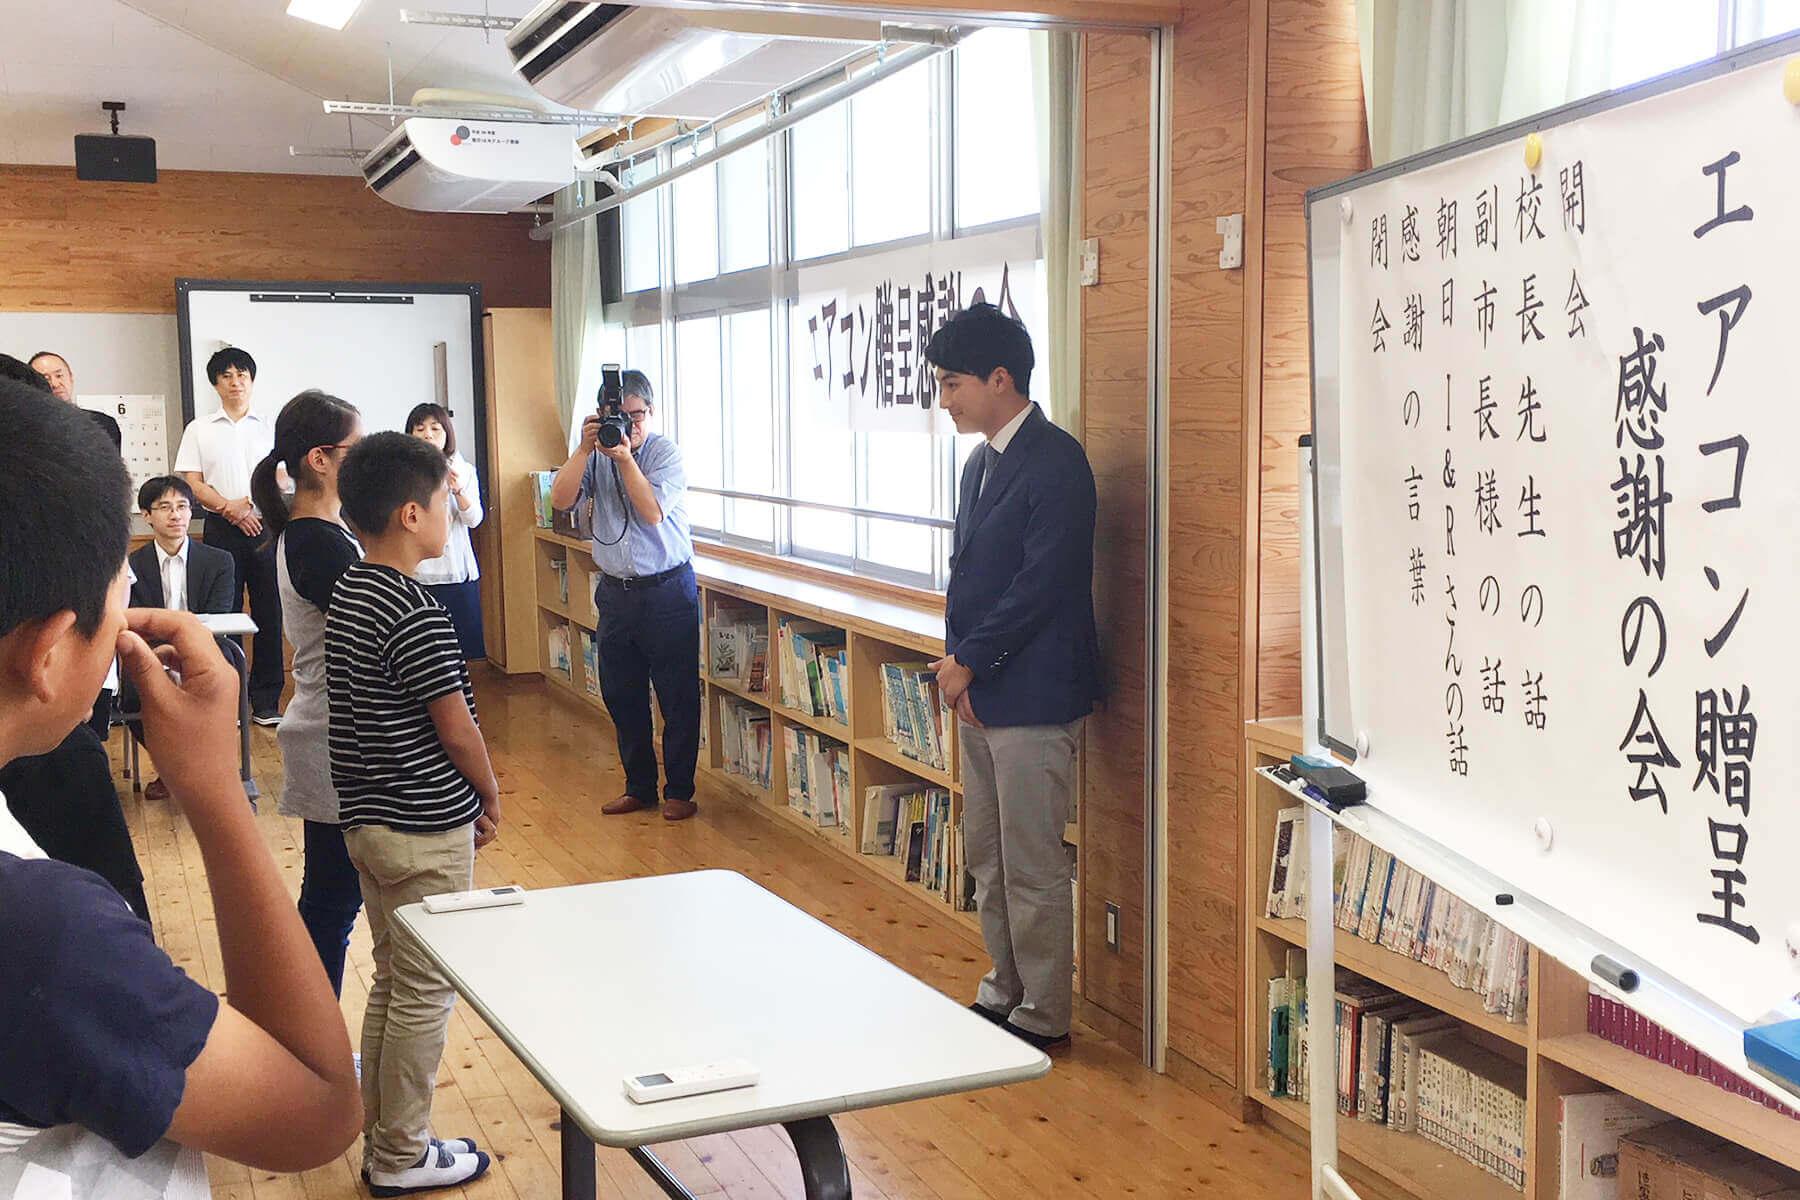 朝日I&Rより武雄市立朝日小学校へのエアコン寄贈 画像1